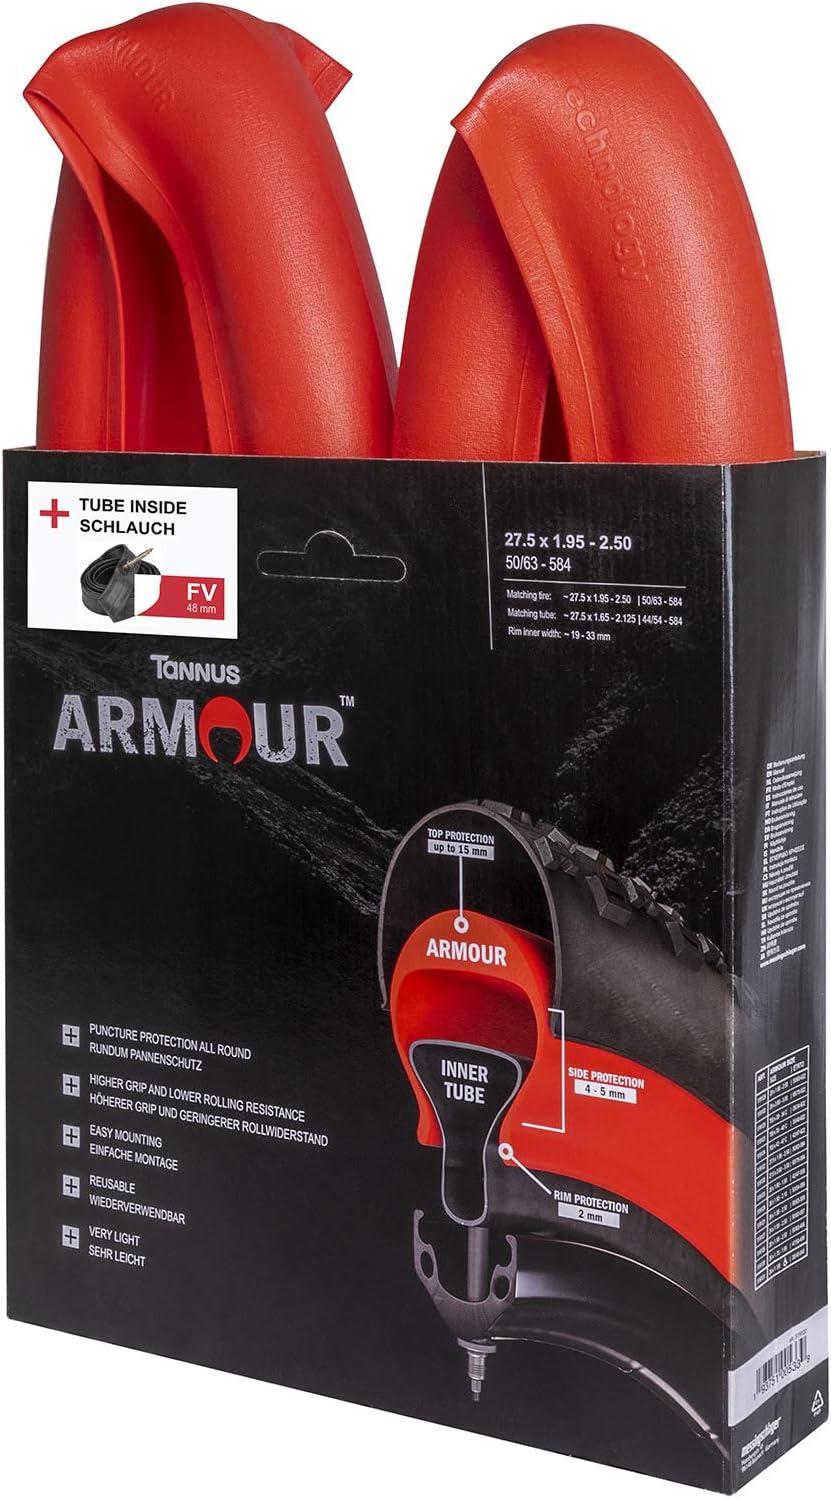 facilit/à di montaggio Tannus Armour 3 in 1 Puncture Round Protection 20 x 1,95-2,50 impugnatura alta con bassa resistenza al rotolamento riutilizzabile